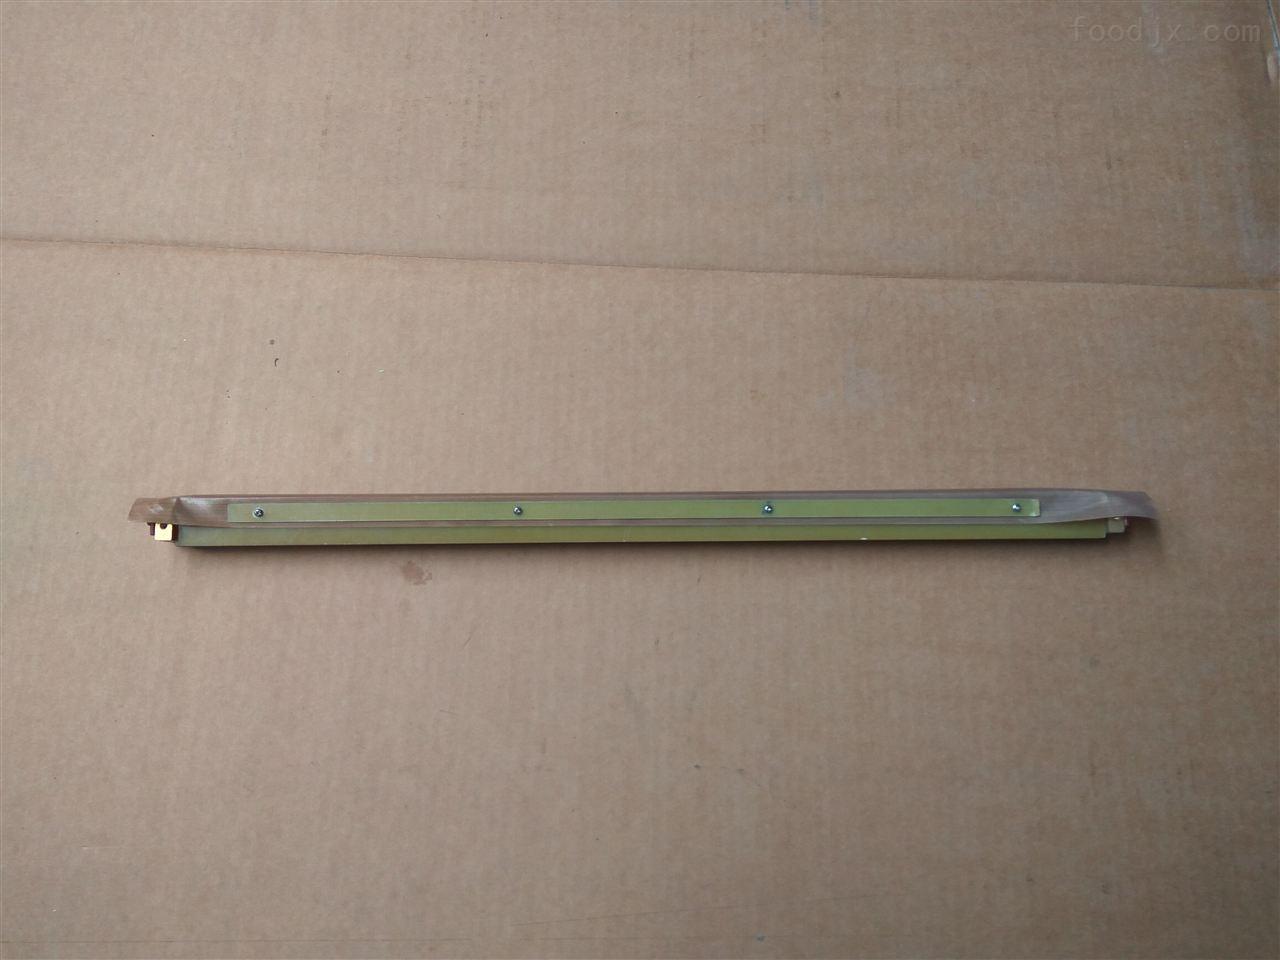 真空包装机配件镍铬合金进口发热丝加热条加热棒(铜块)